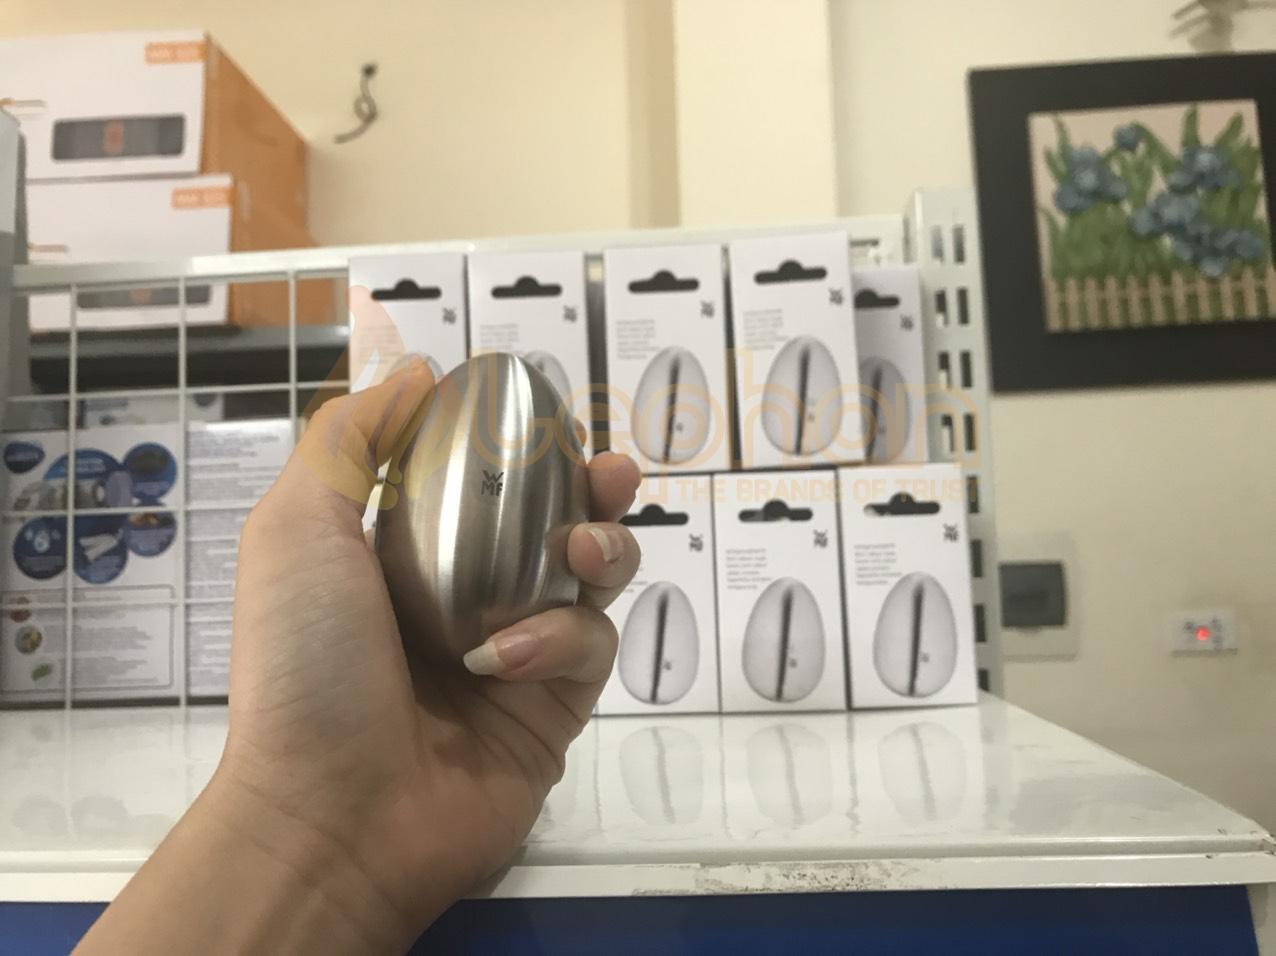 Trứng rửa tay Wmf - Khử mùi - Diệt khuẩn